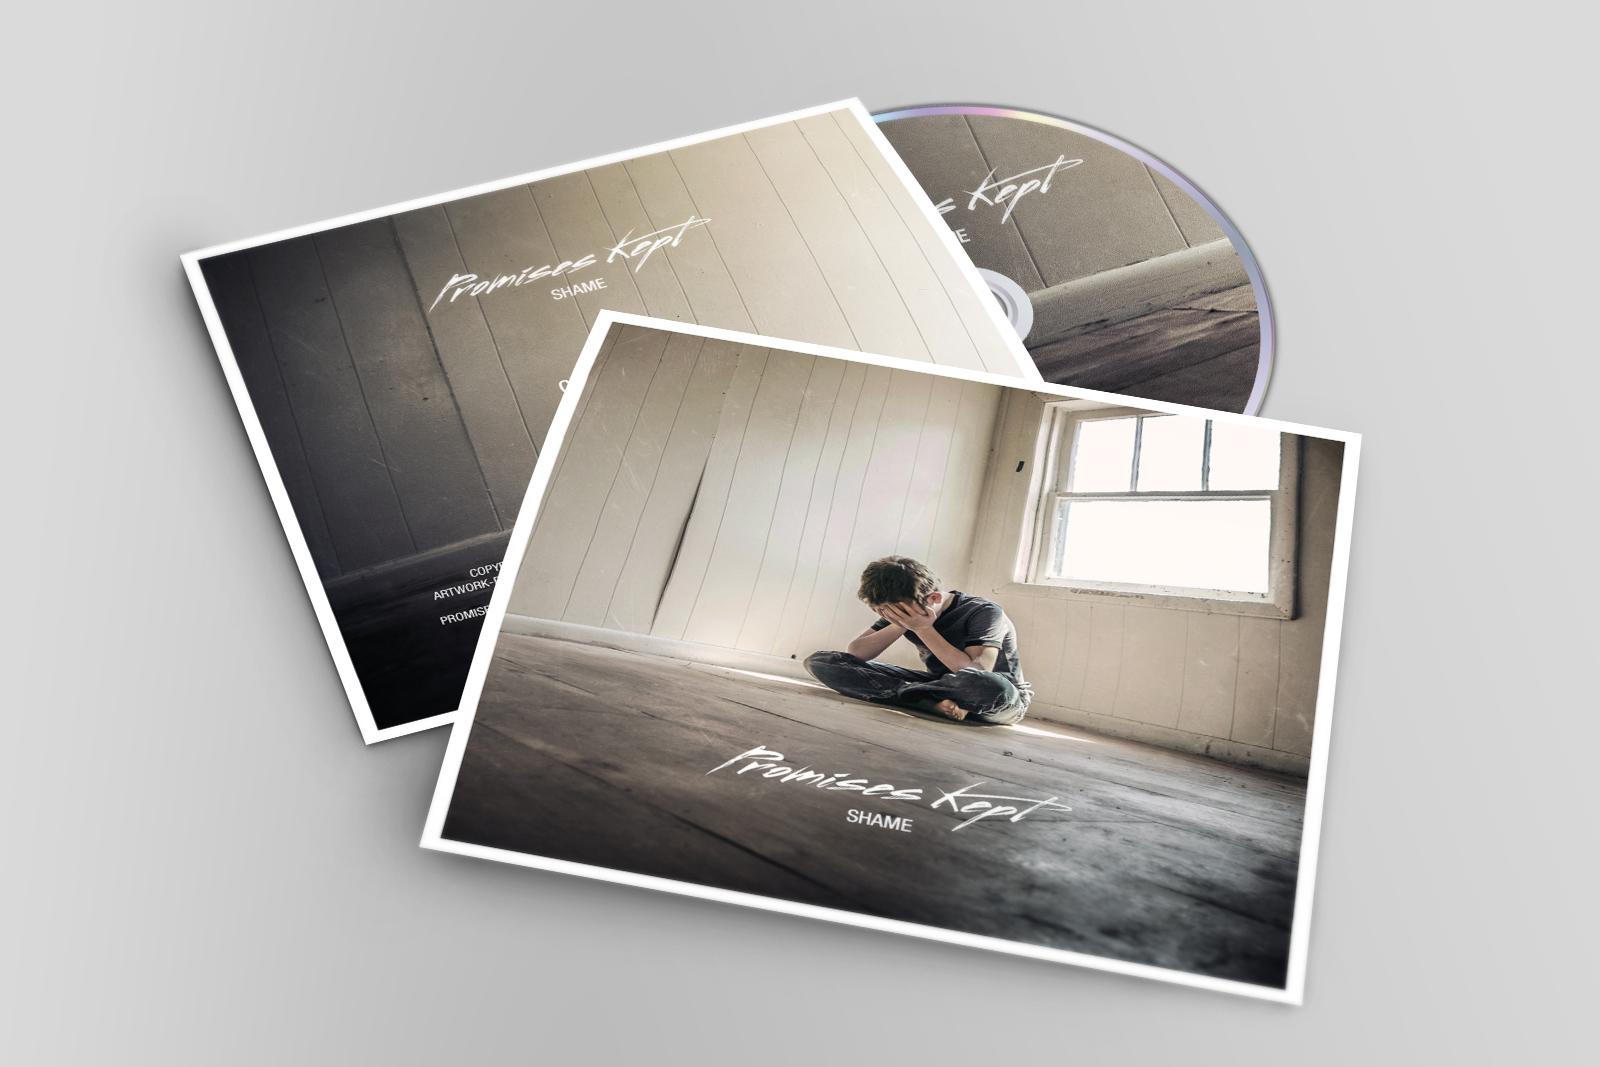 Promises Kept, CD Artwork, Shame